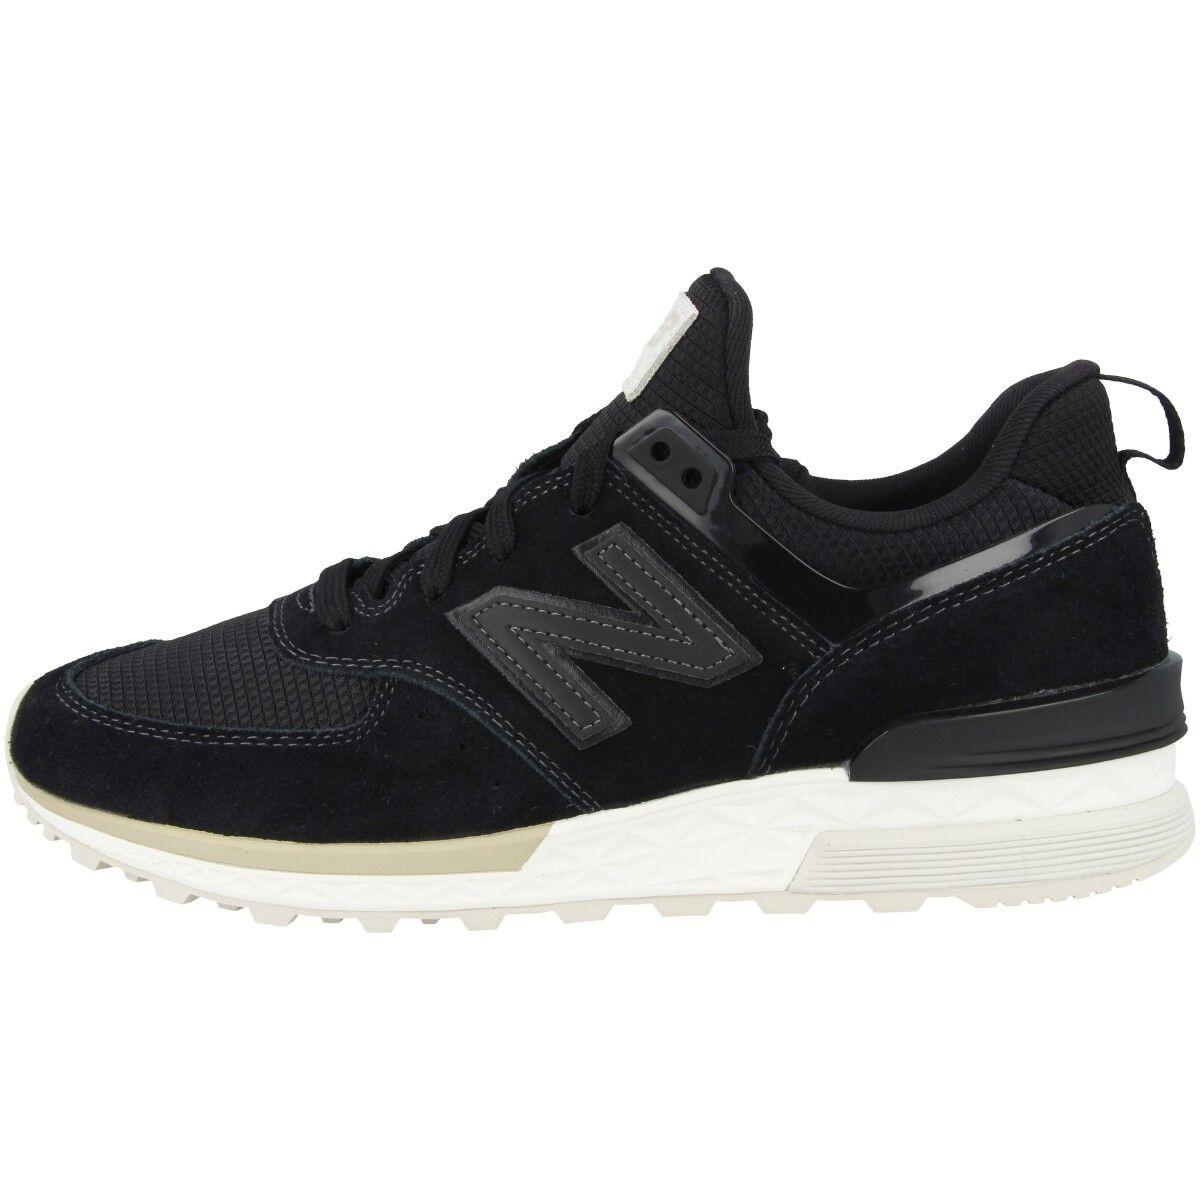 nouveau   Ms 574 FSK Chaussures de Sport Hommes Loisirs paniers Rétro Noir